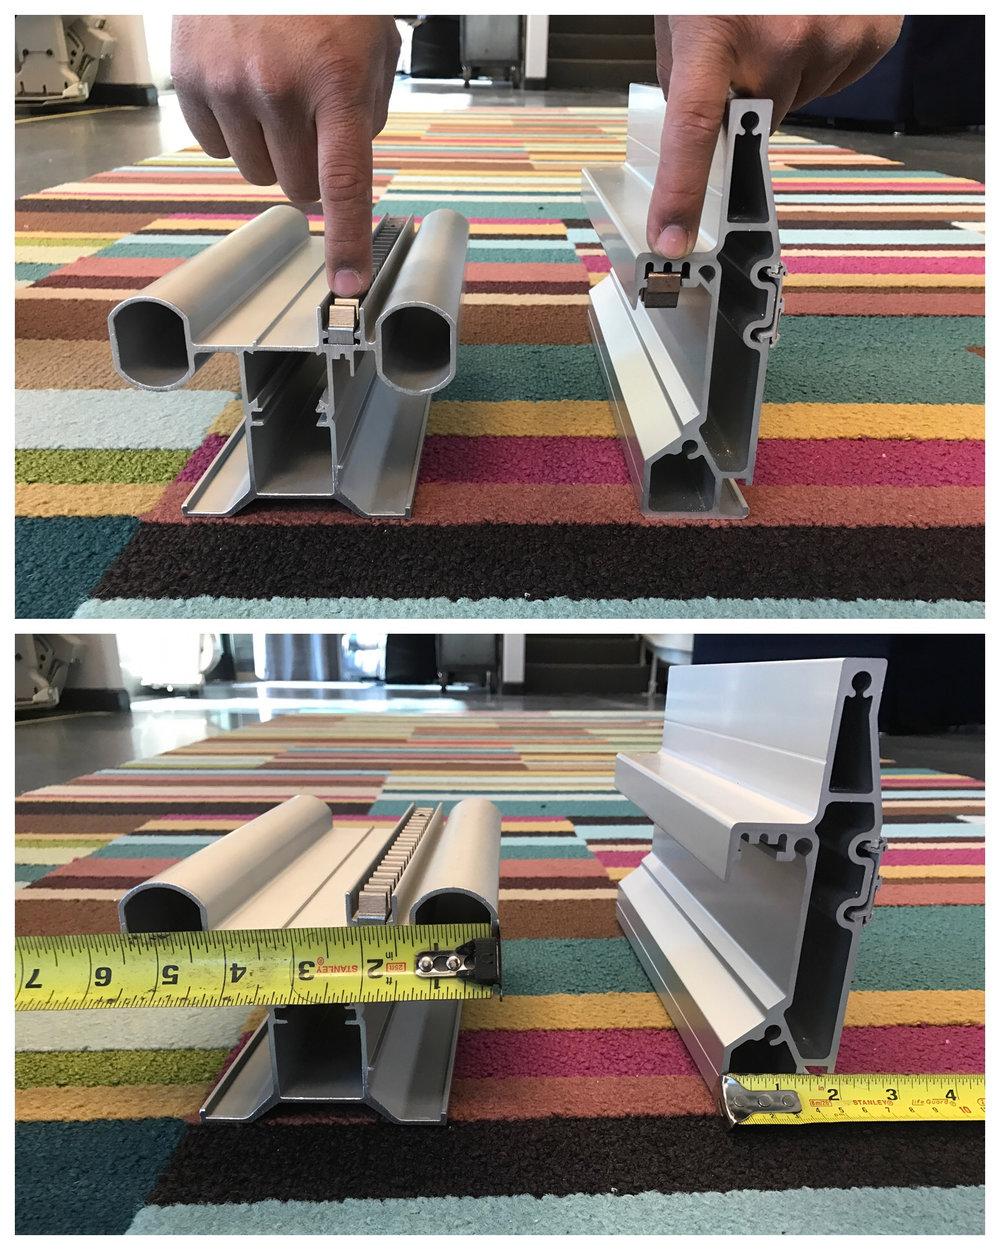 Bruno stairlift rail vs Acorn stairlift rail